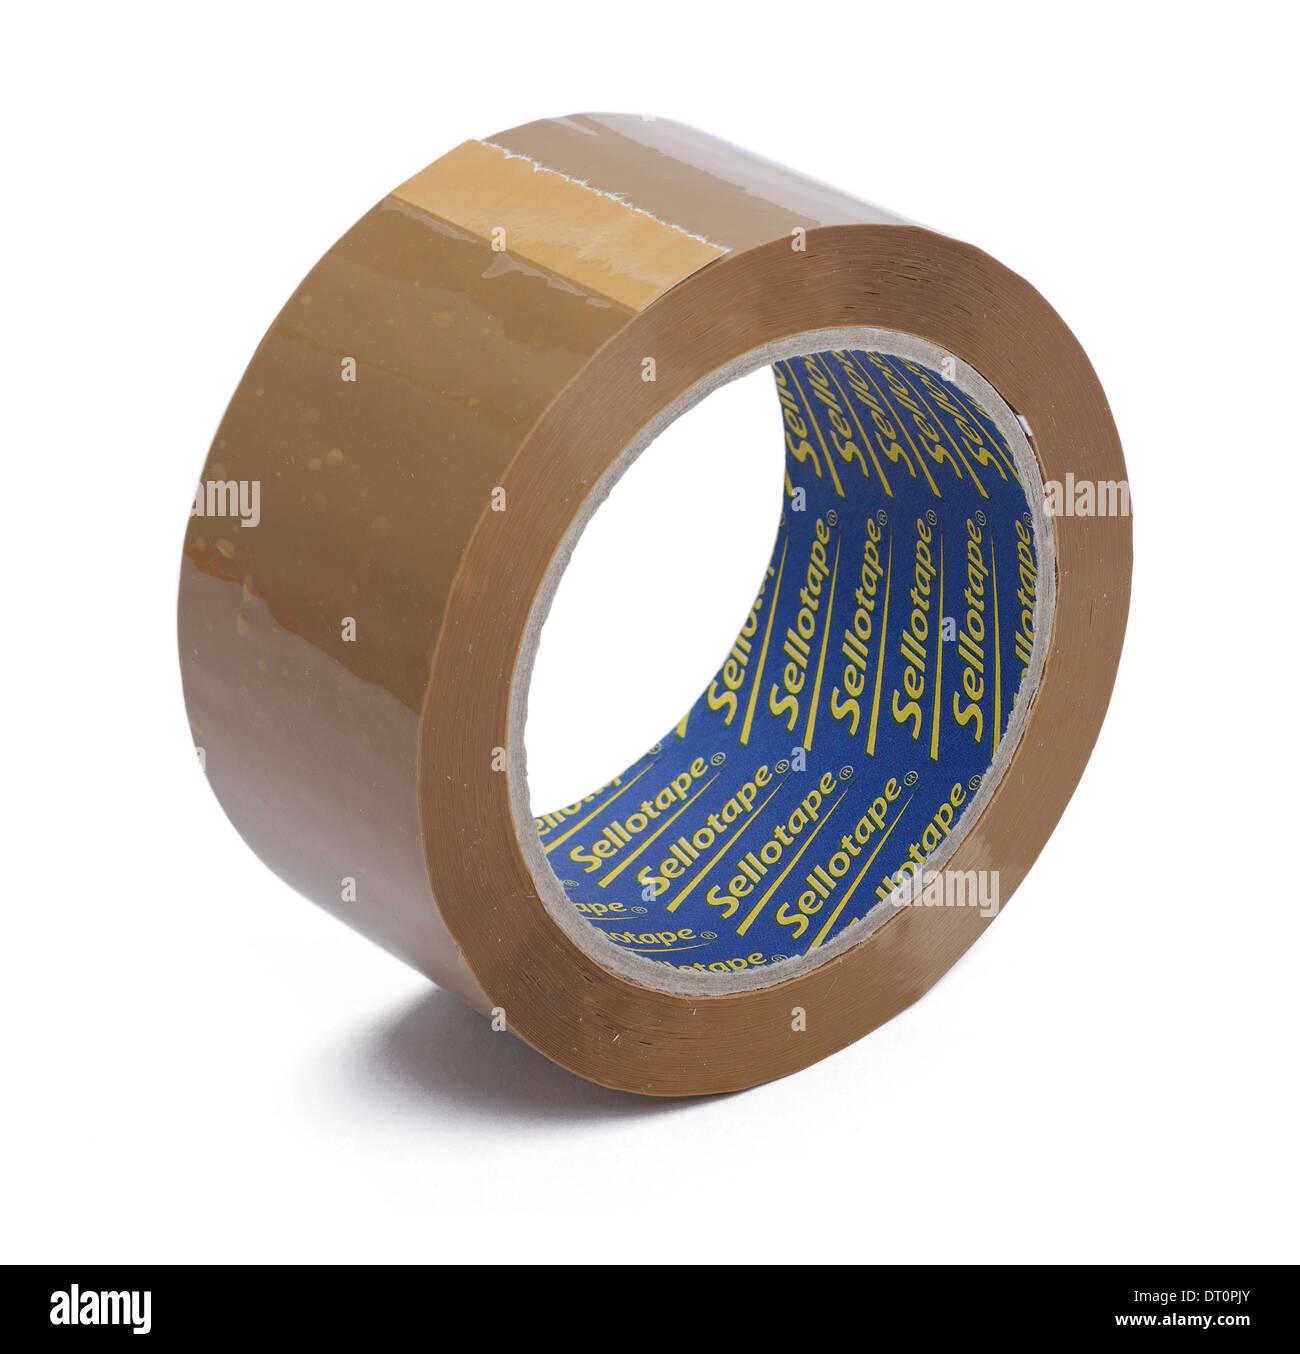 Rouleau de ruban adhésif brun parcelle Photo Stock